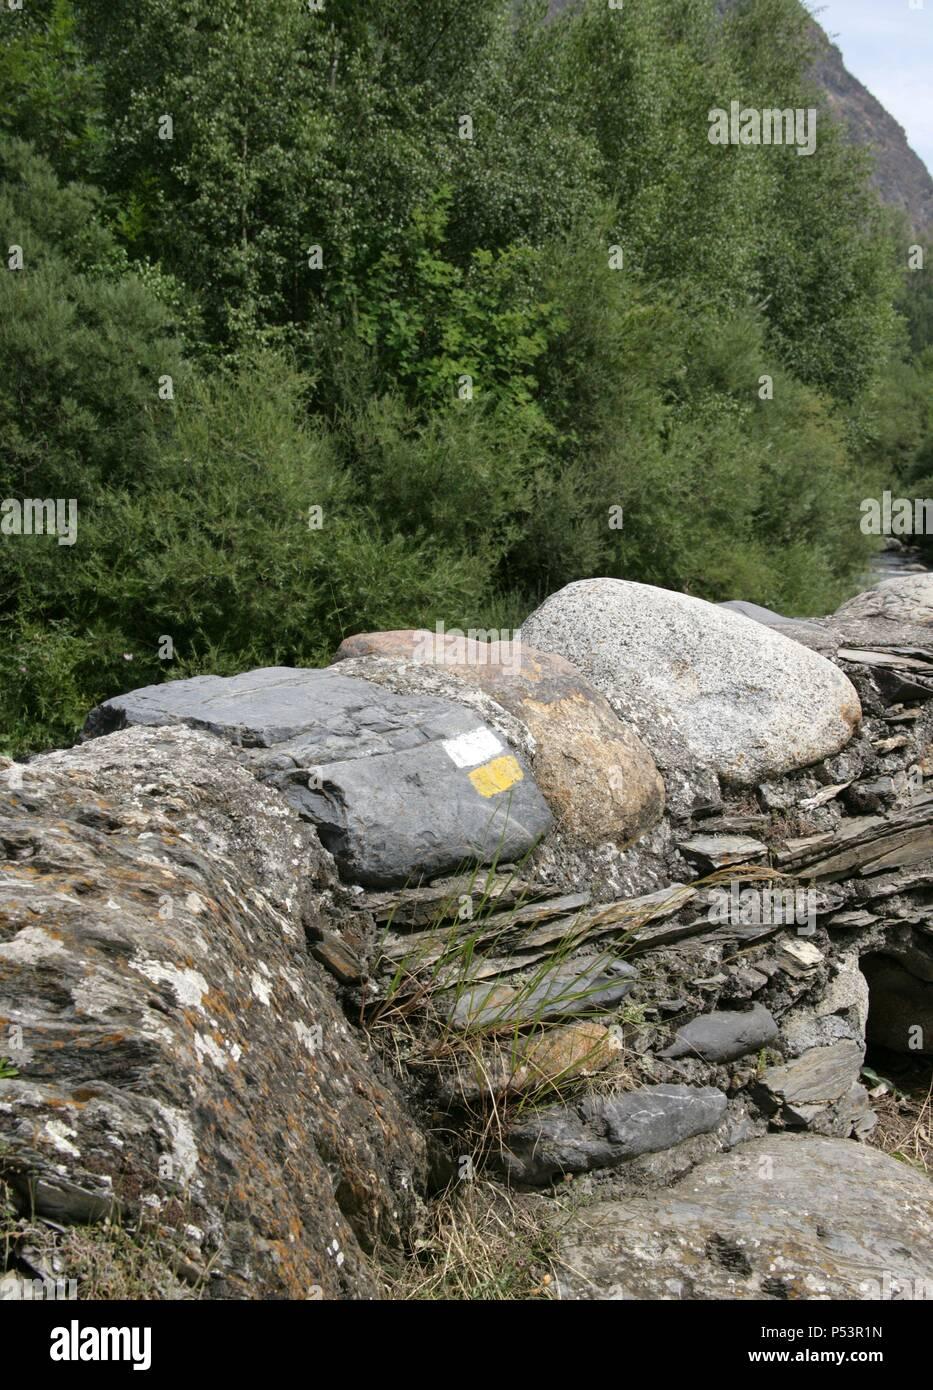 SEÑALIZACION de un sendero pintada en unas piedras. Valle de ...